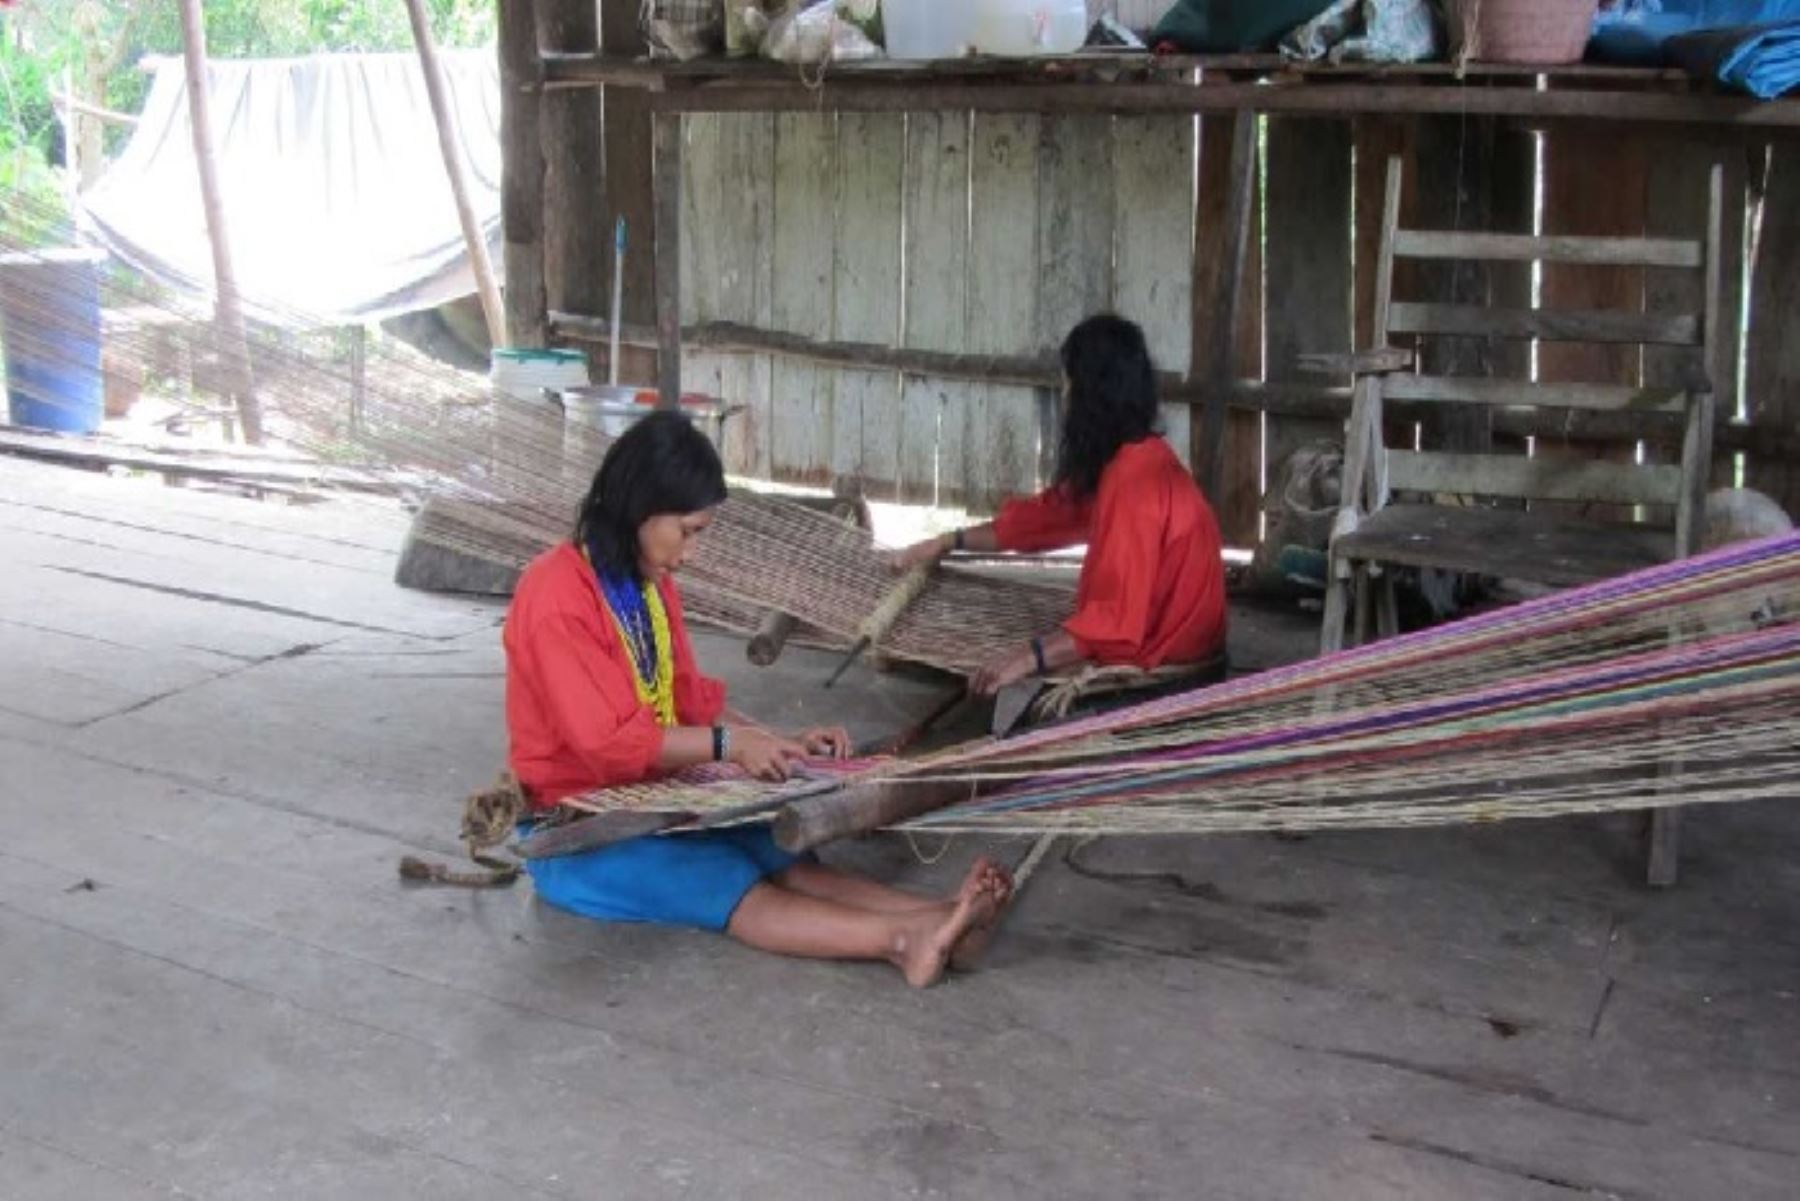 El Ministerio de Cultura declaró como Patrimonio Cultural de la Nación a los conocimientos, saberes y técnicas asociados al tejido del cachiguango o ela, práctica tradicional del pueblo urarina, asentado en el departamento de Loreto.